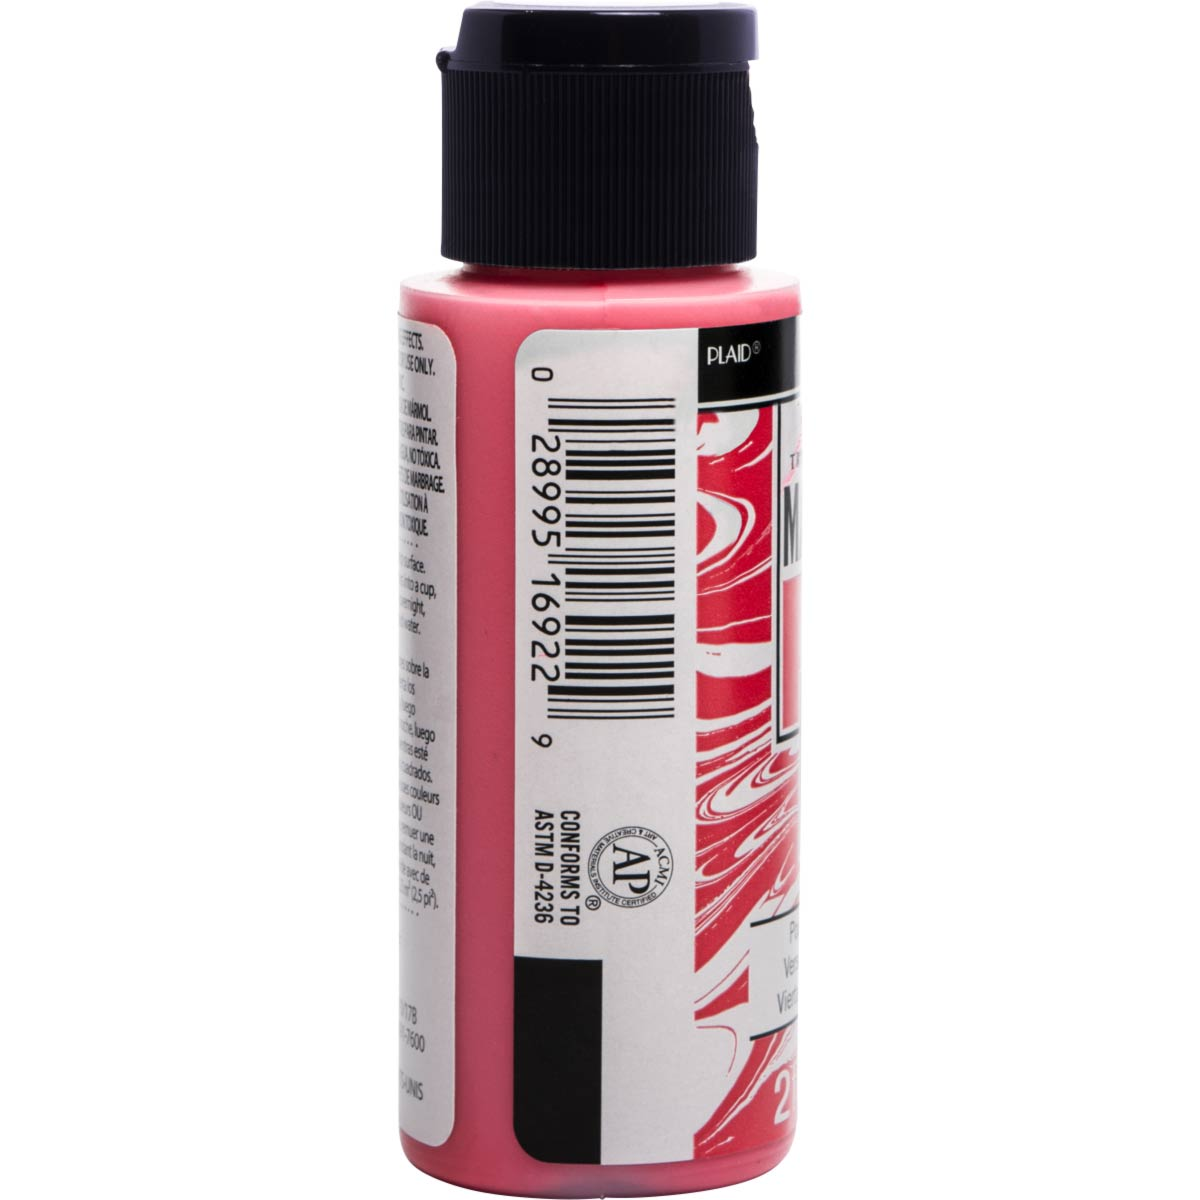 FolkArt ® Marbling Paint - Red, 2 oz. - 16922